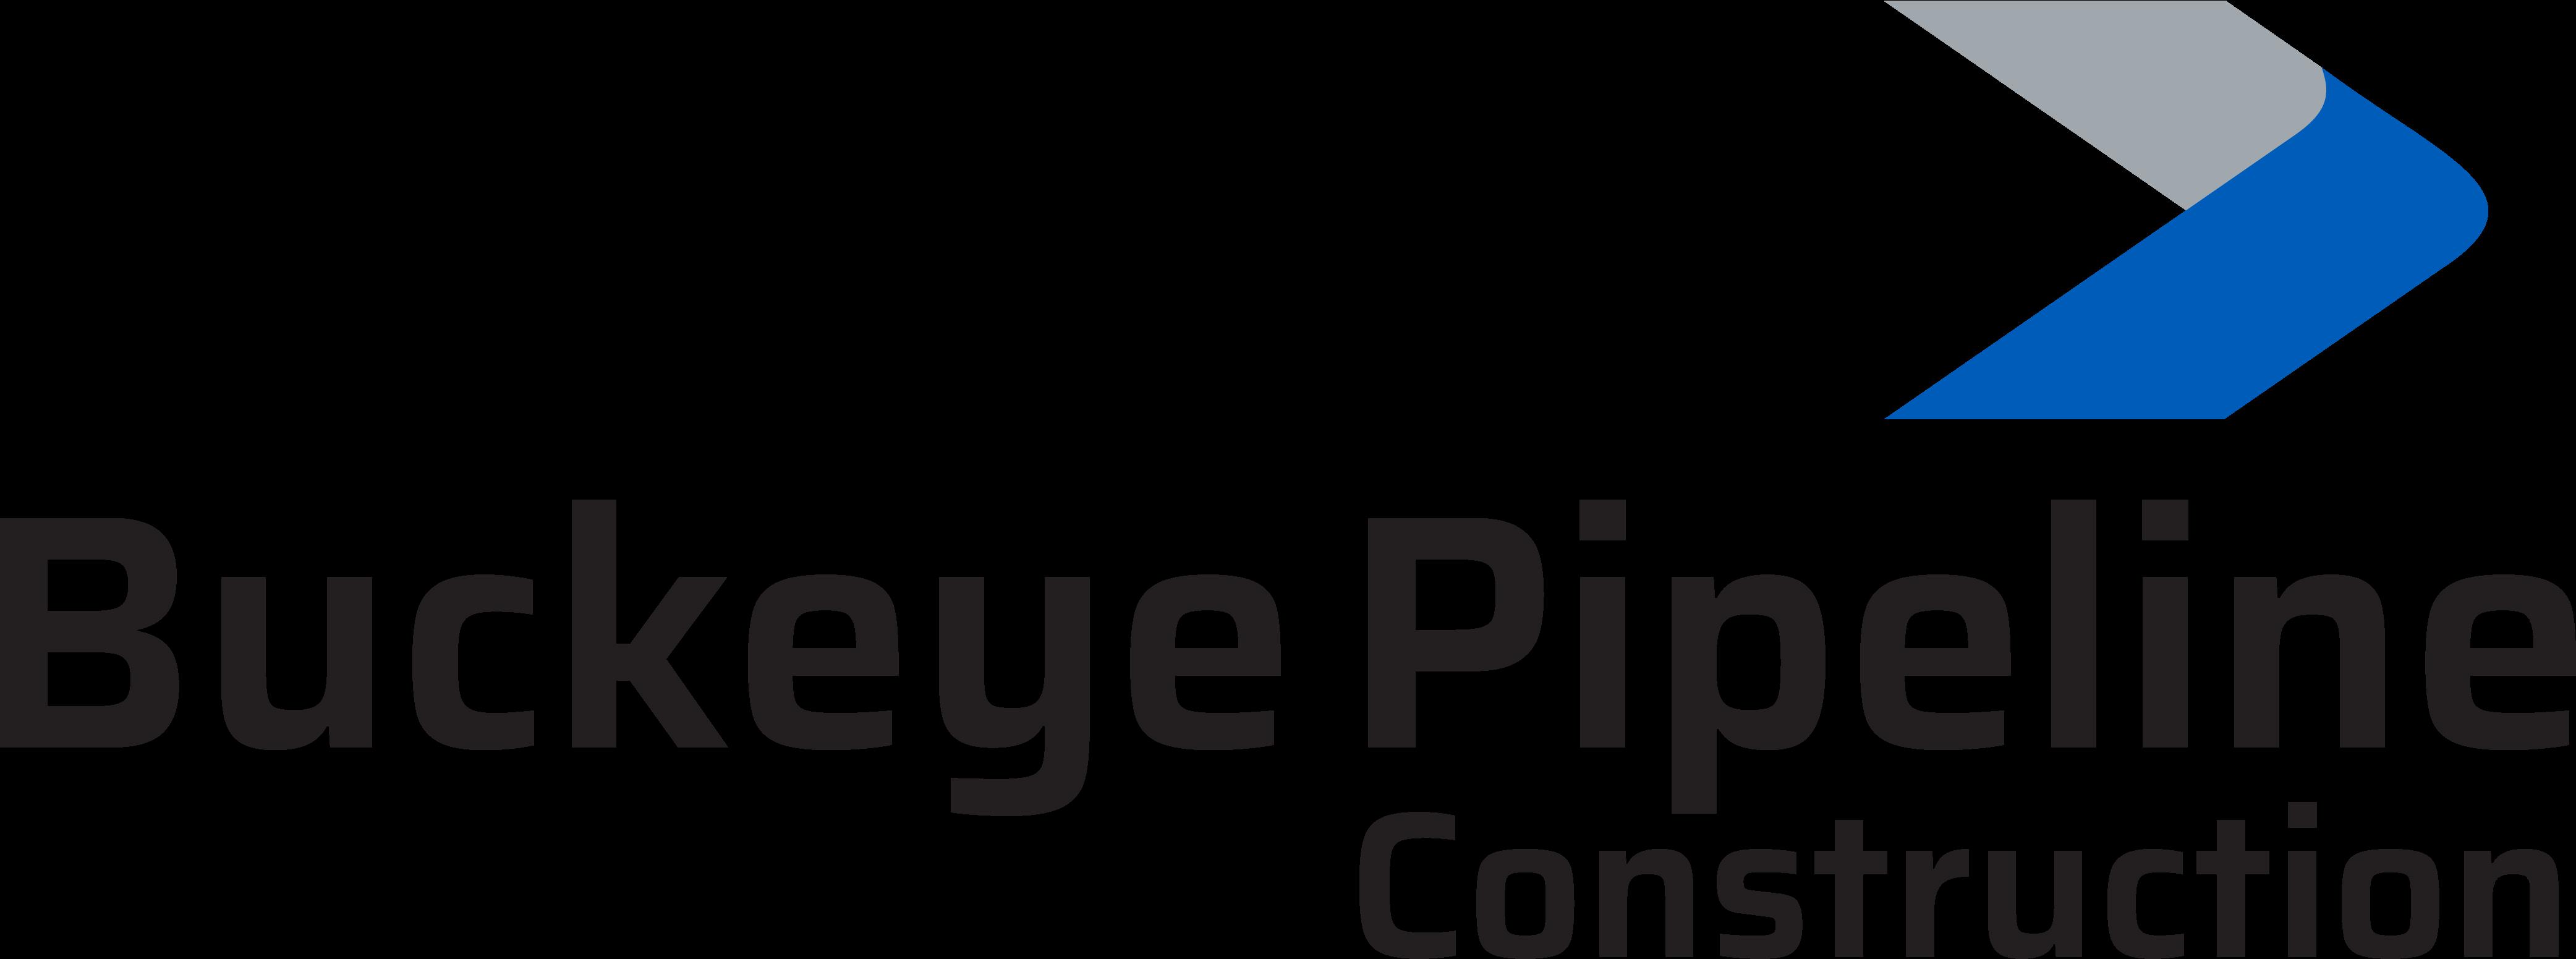 Buckeye Pipeline